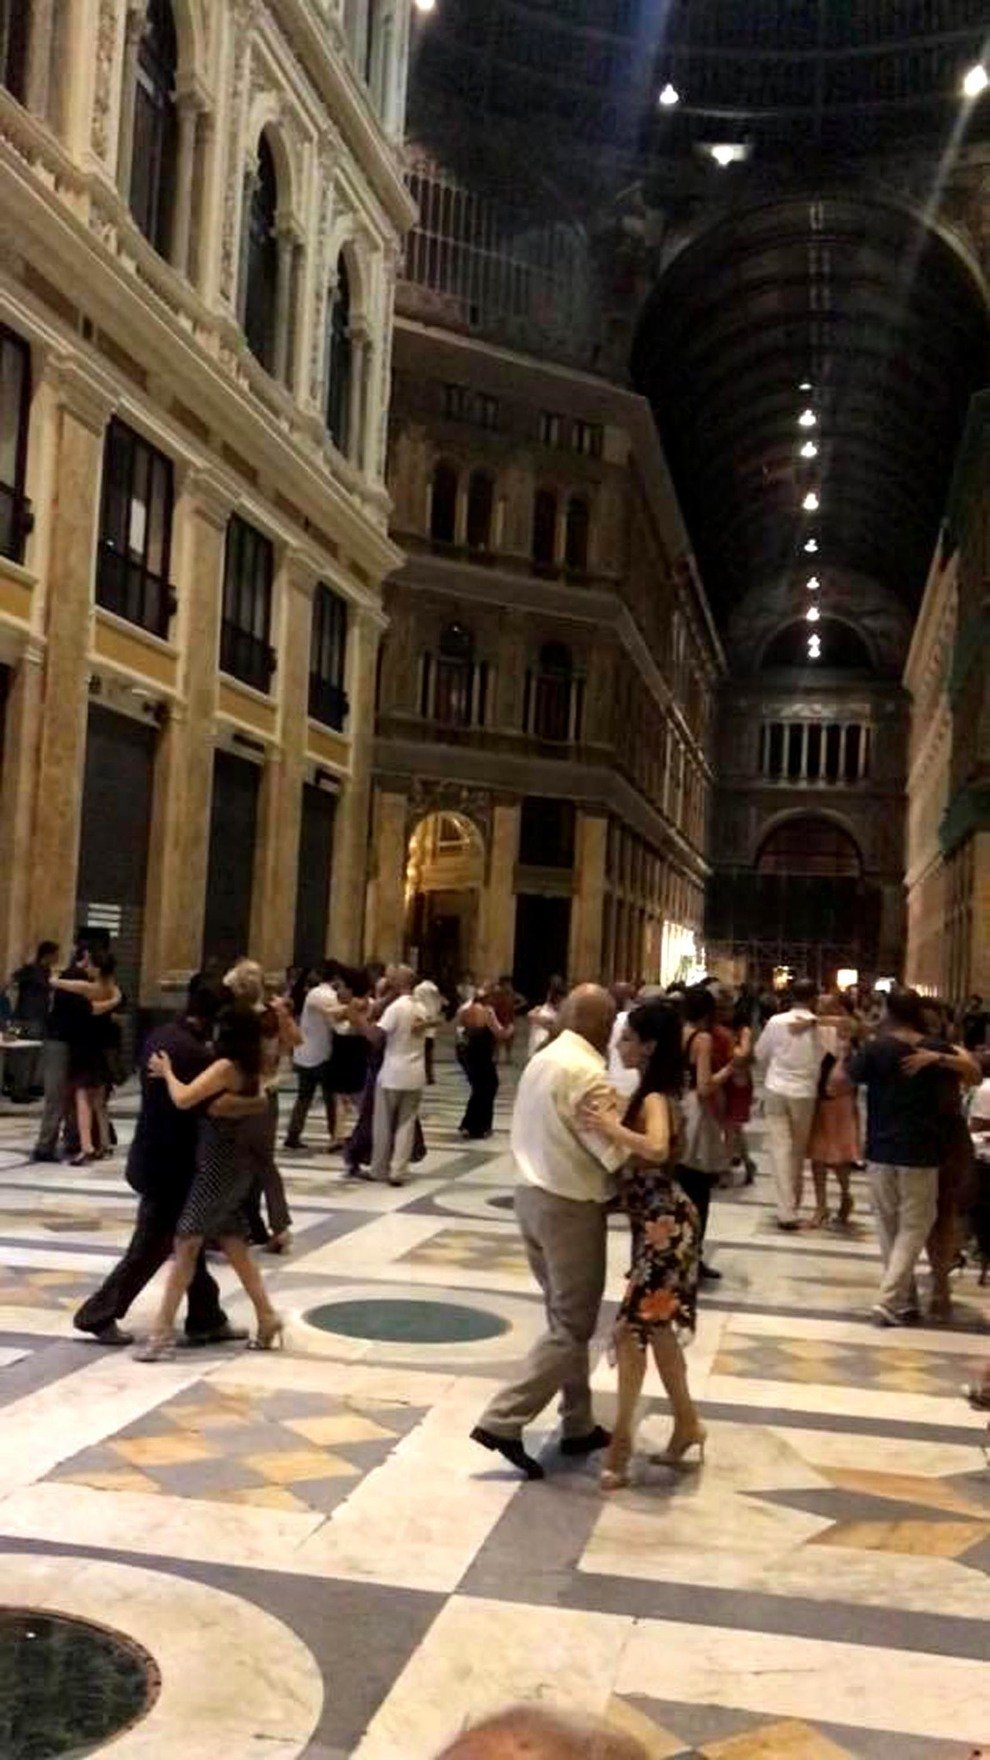 5faef8226b5d Nella Galleria regno di babygang i vigili multano le coppie del tango